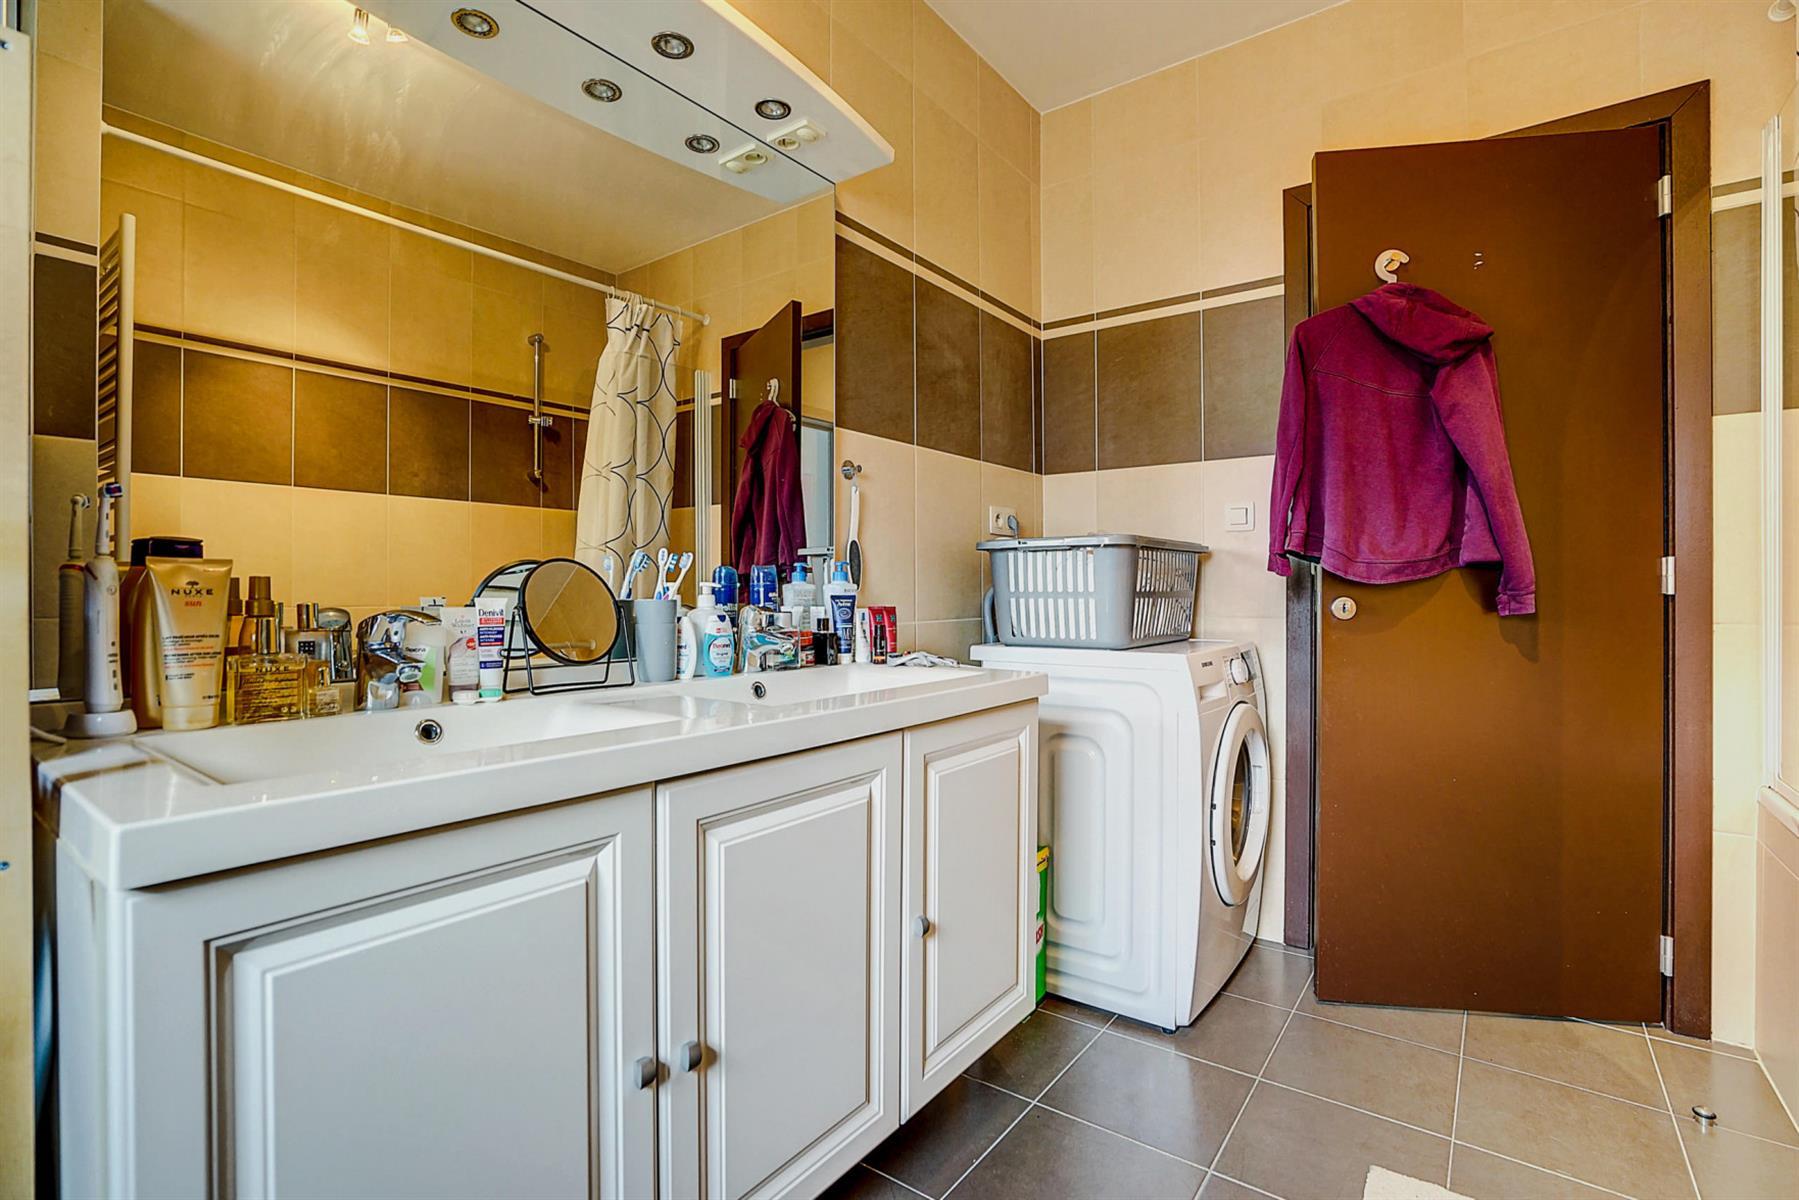 Appartement - Ottignies-louvain-la-neuve - #4505964-20